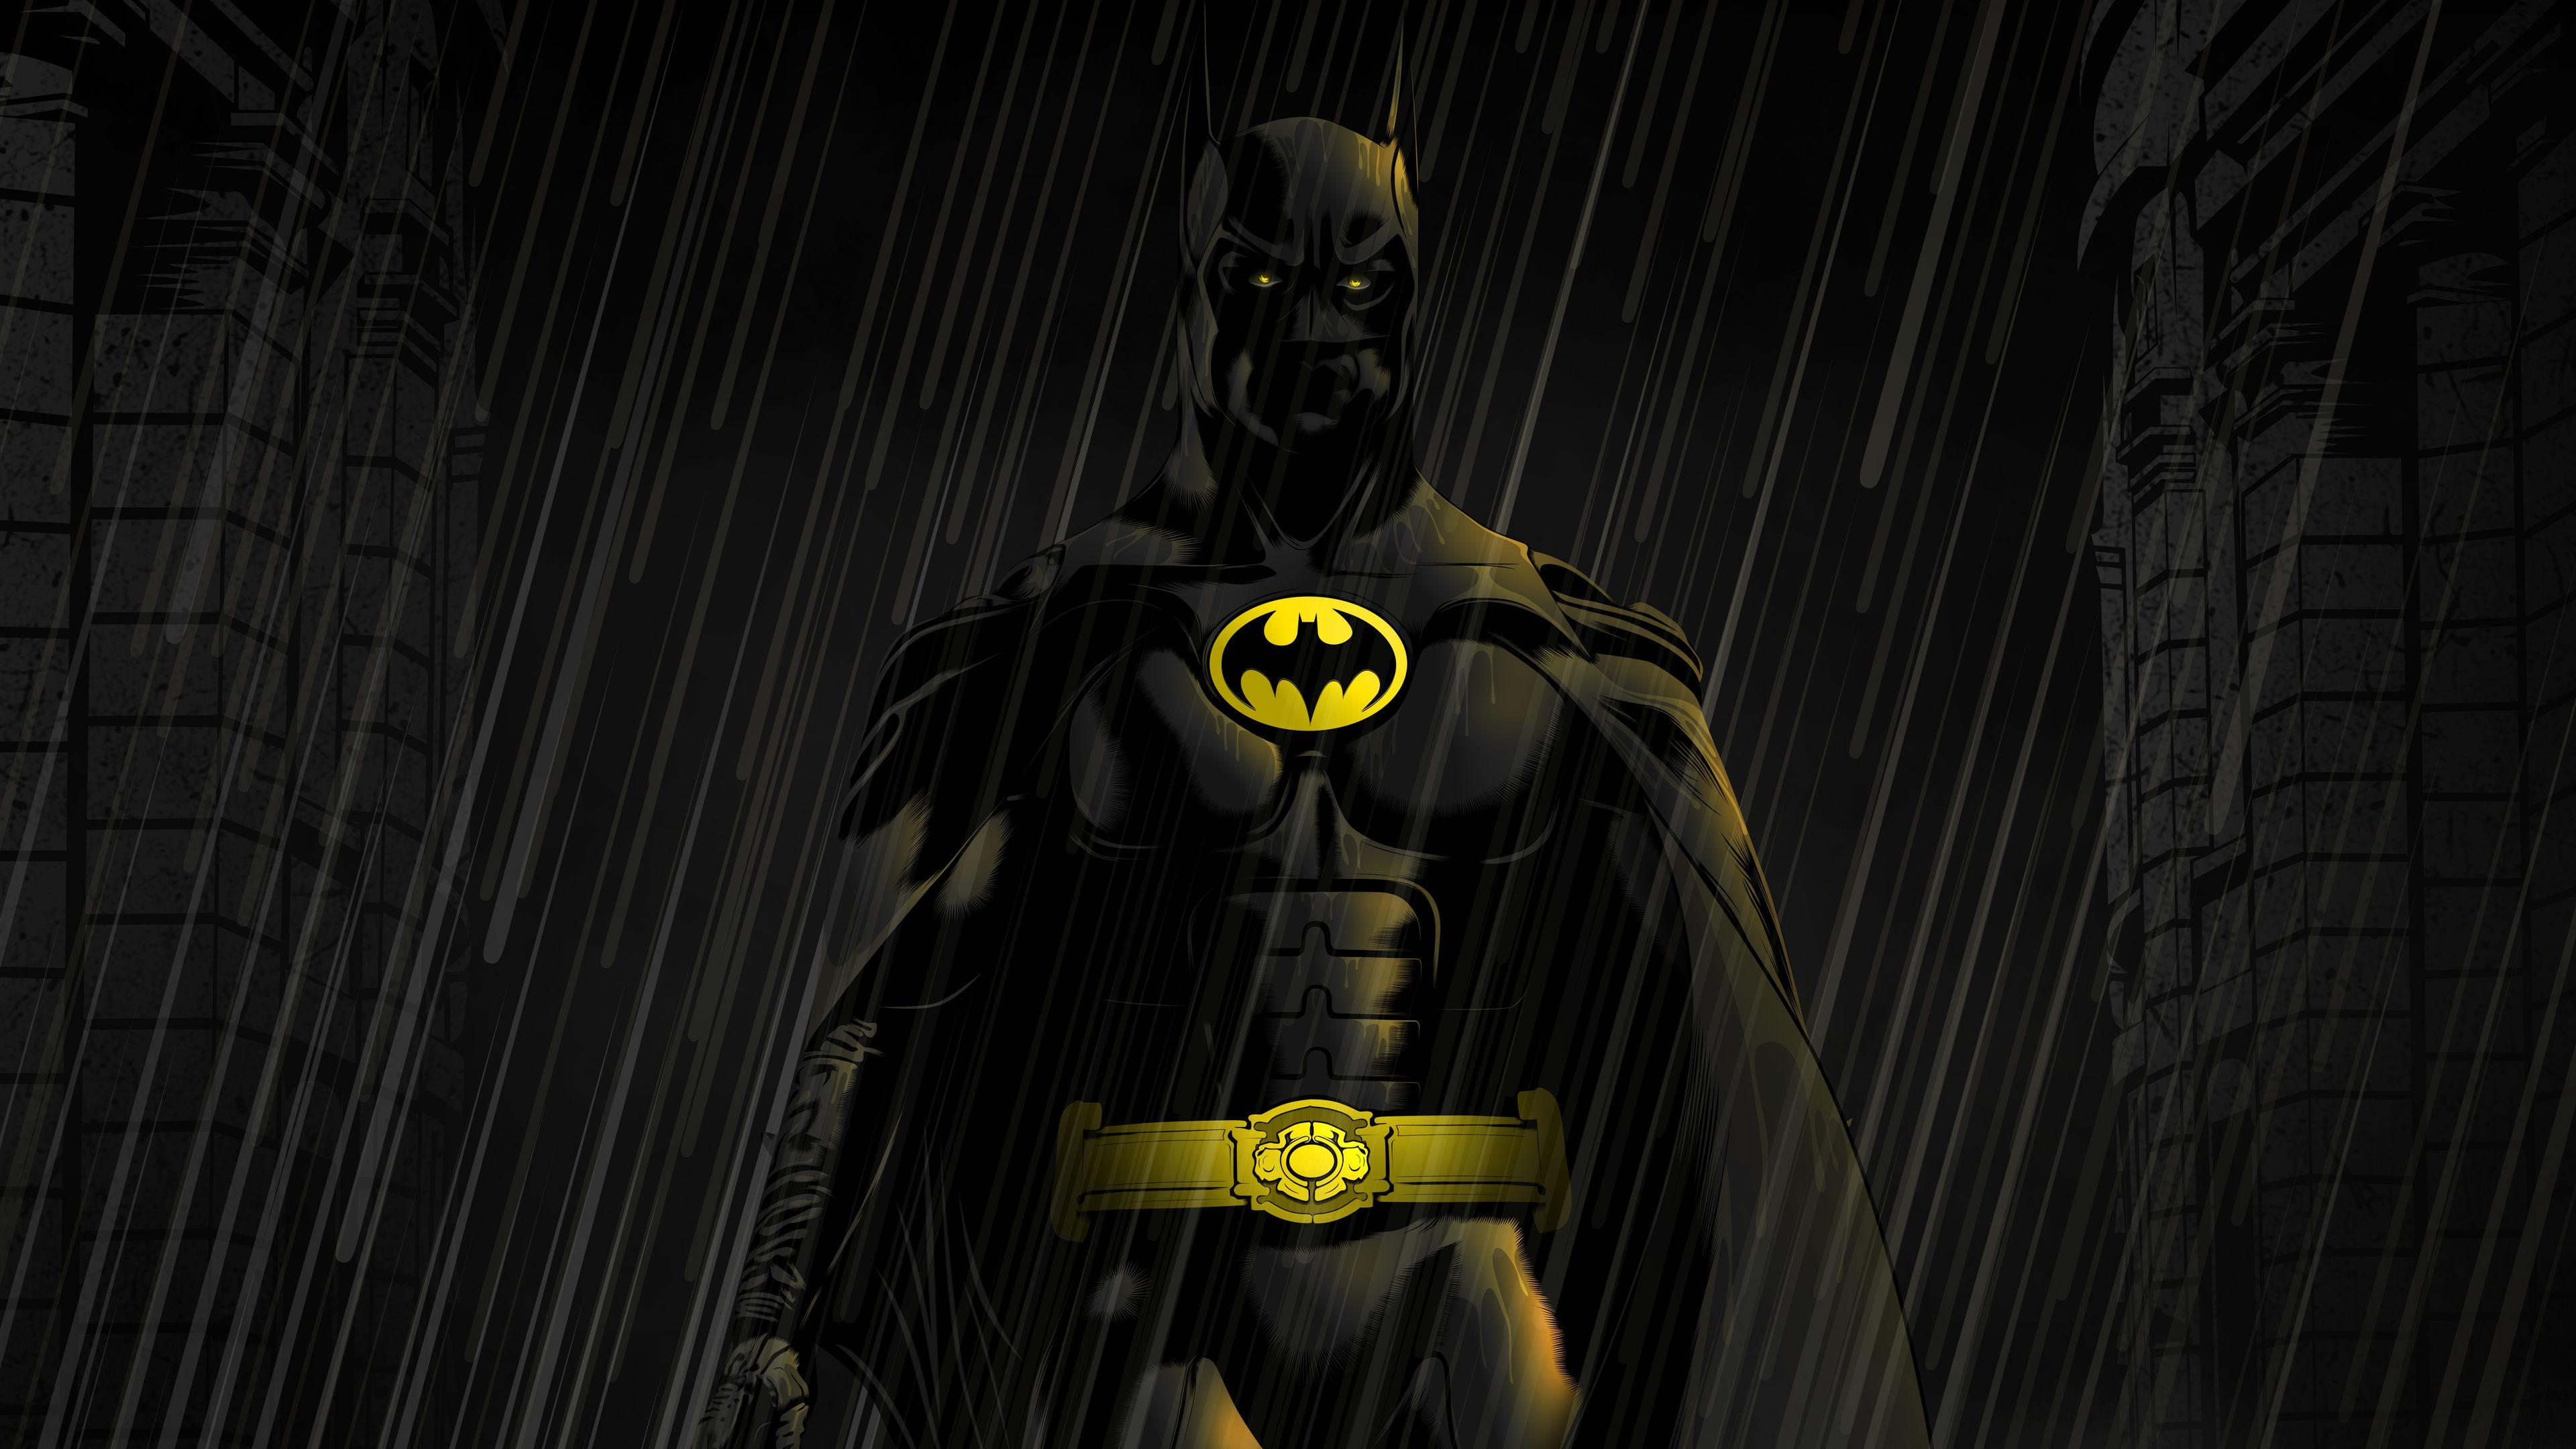 Wallpaper 4k Batman Michael Keaton 4kwallpapers, artwork